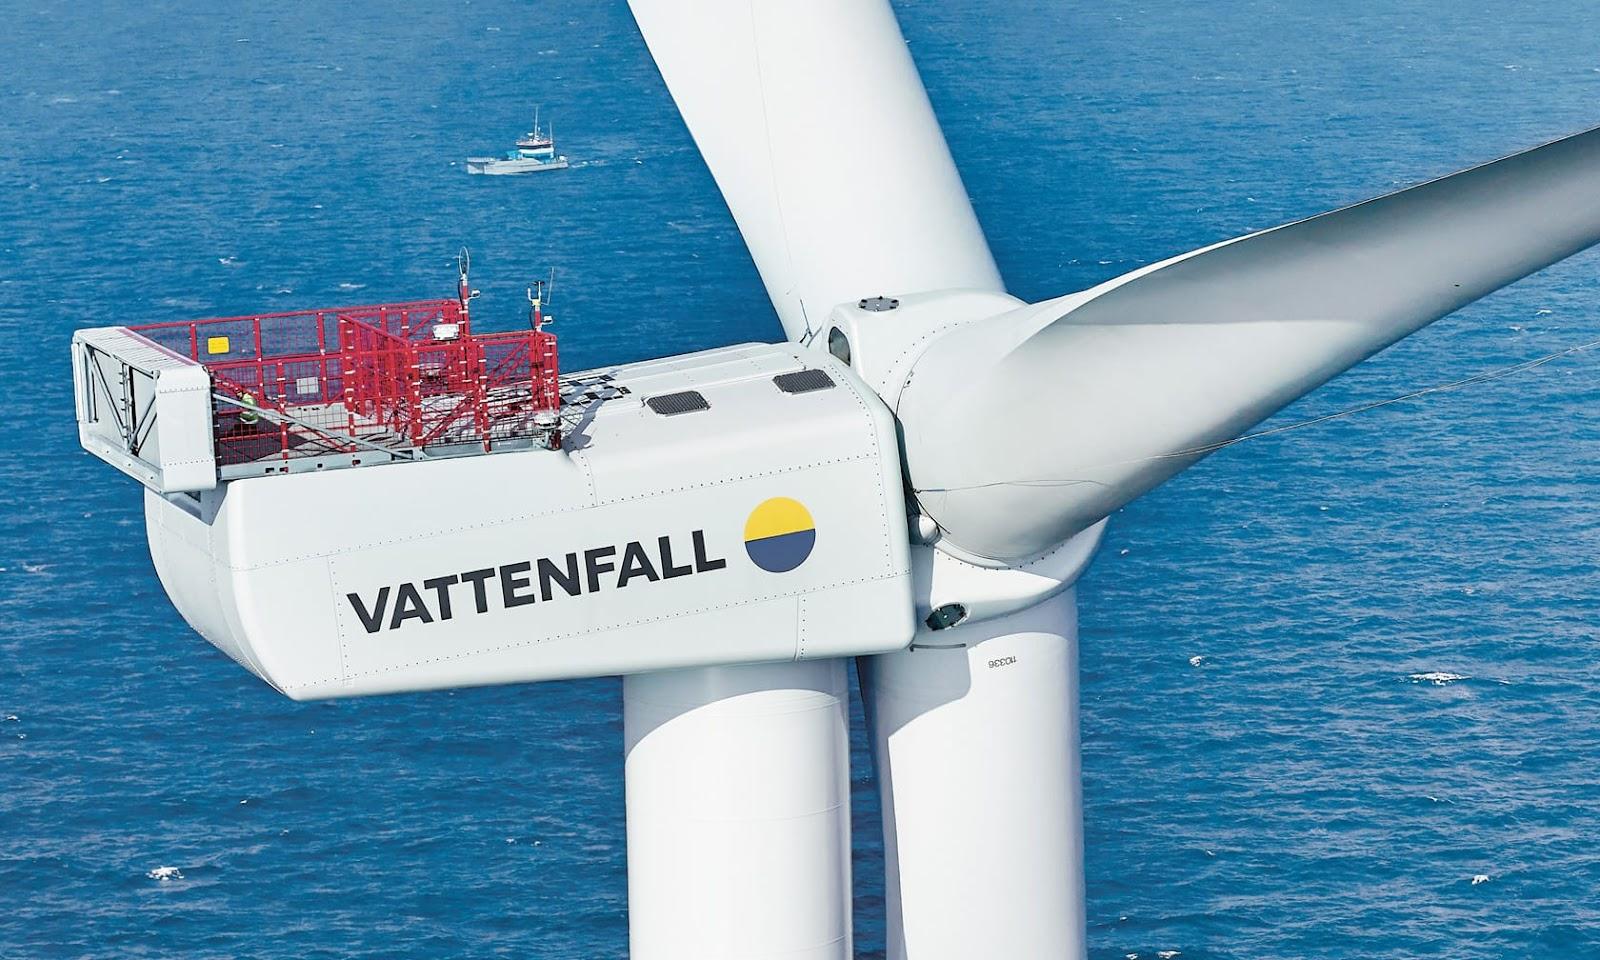 Éolienne offshore Vattenfall